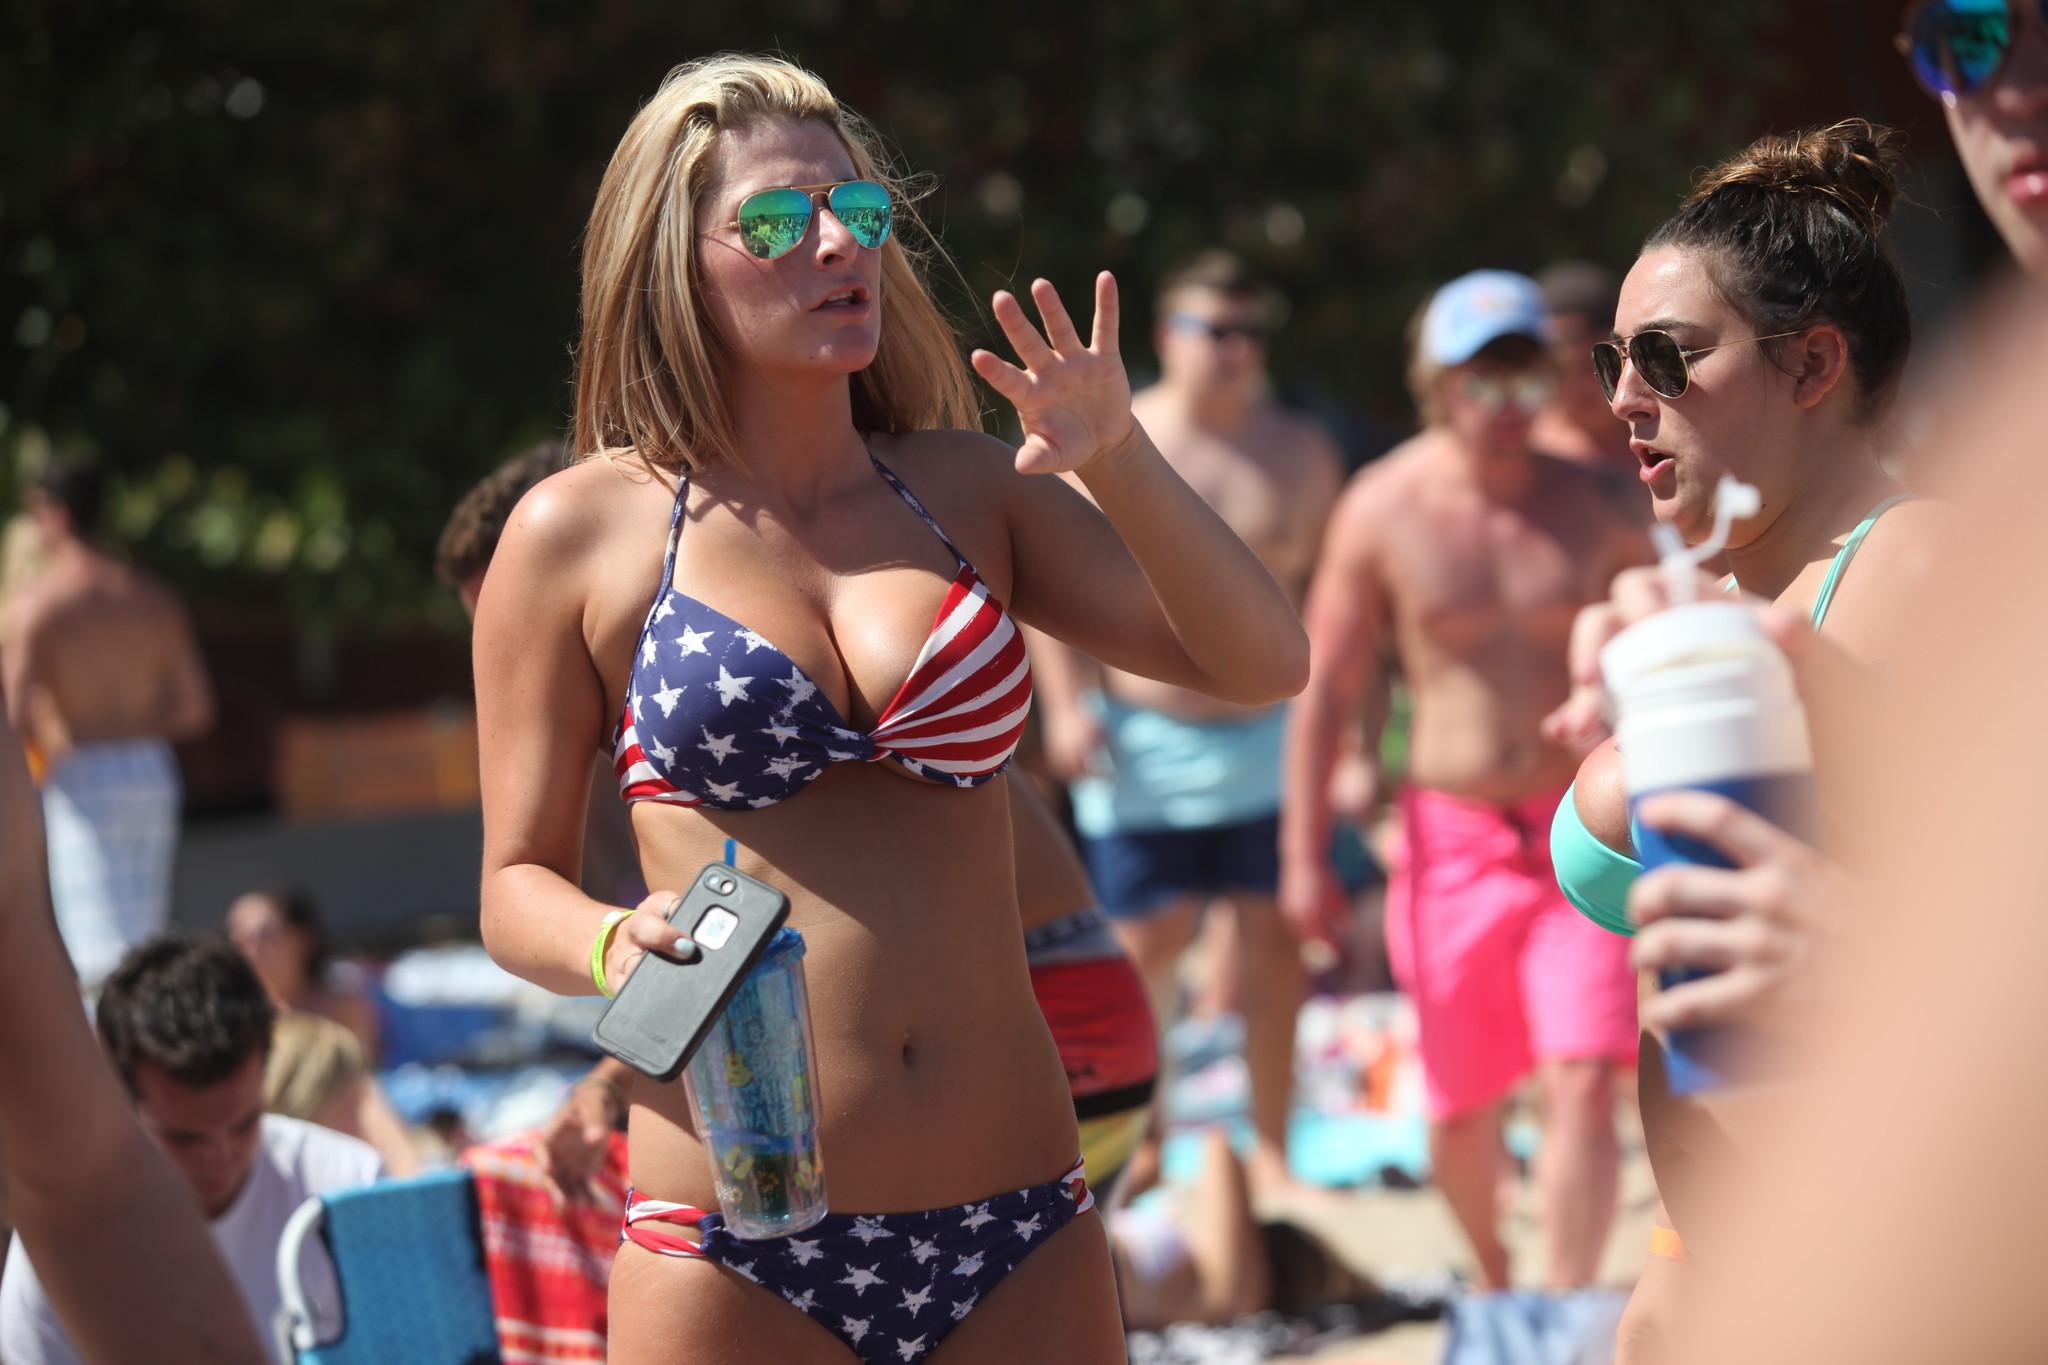 Florida Beach Party